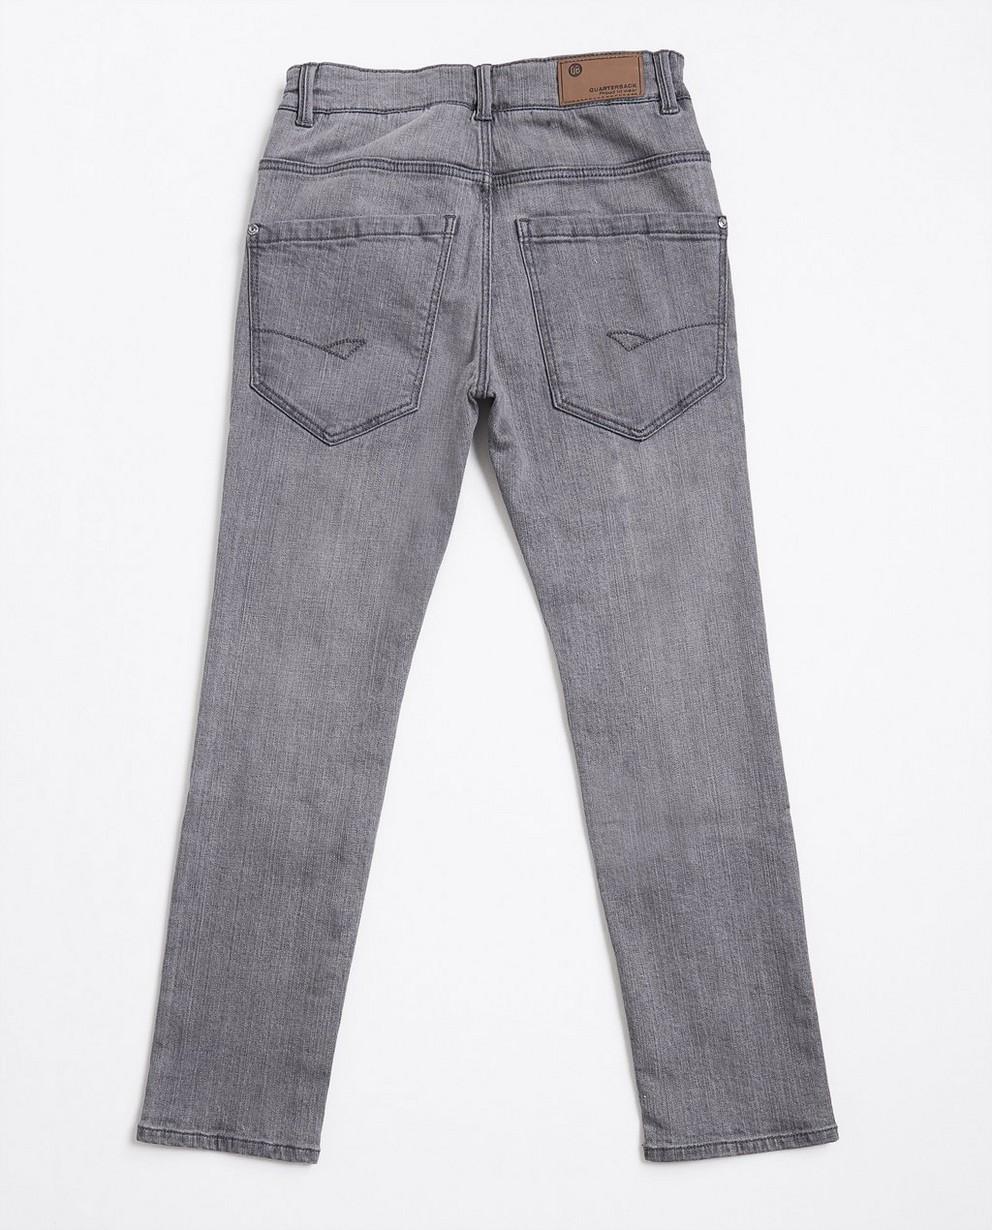 Jeans - GSM - Grijze slim jeans